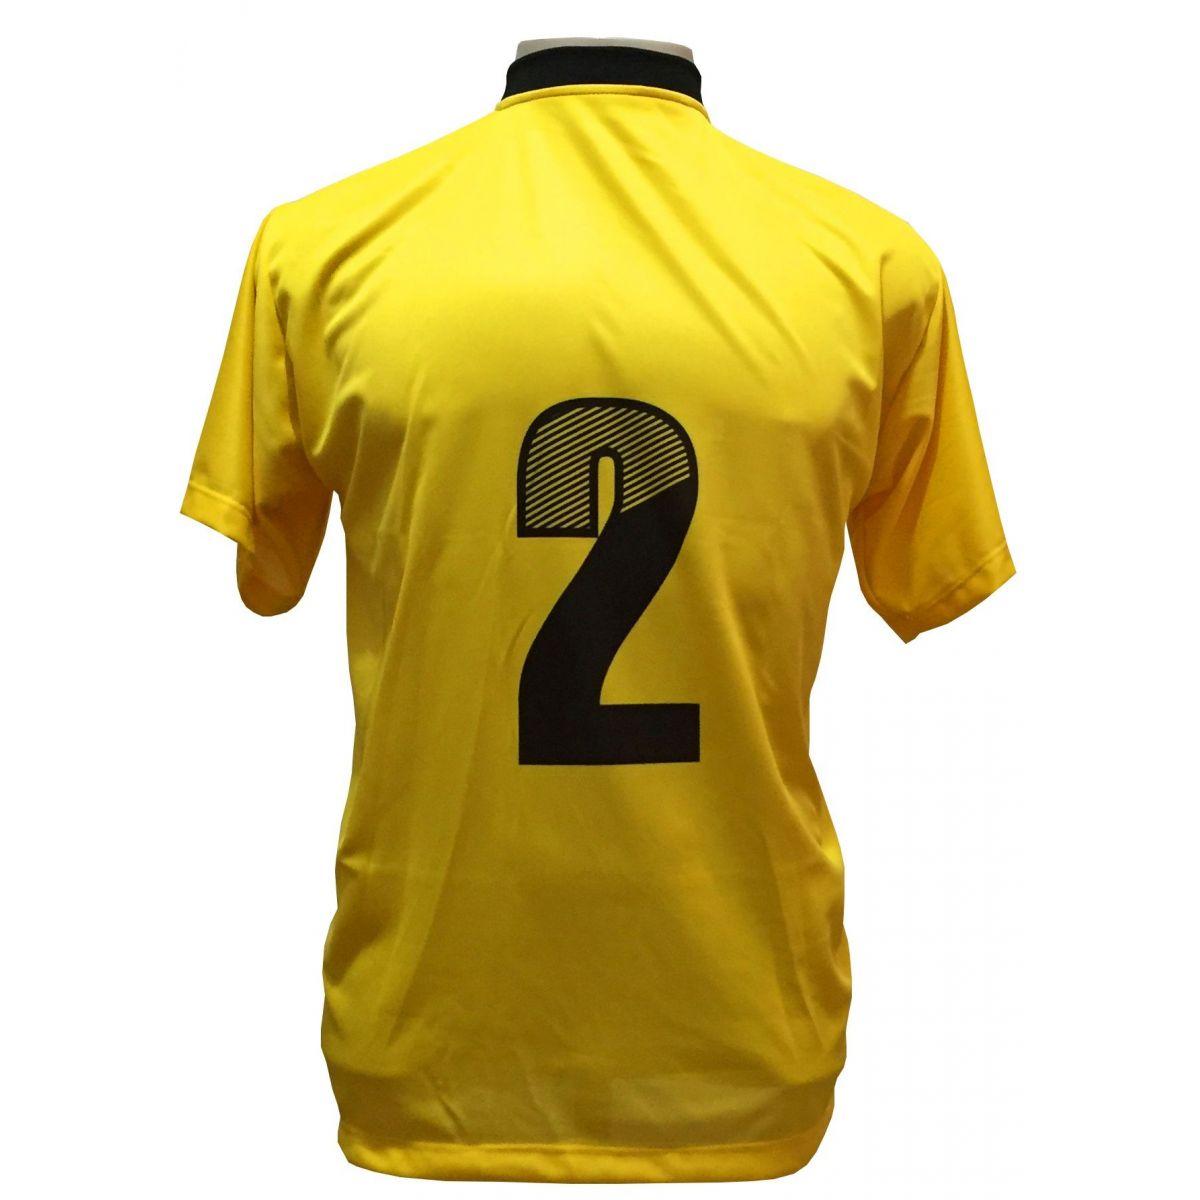 Fardamento Completo Modelo Roma 12+1 (12 Camisas Amarelo/Preto + 12 Calções Preto/Amarelo + 12 Pares de Meiões Pretos + 1 Conjunto de Goleiro) + Brindes